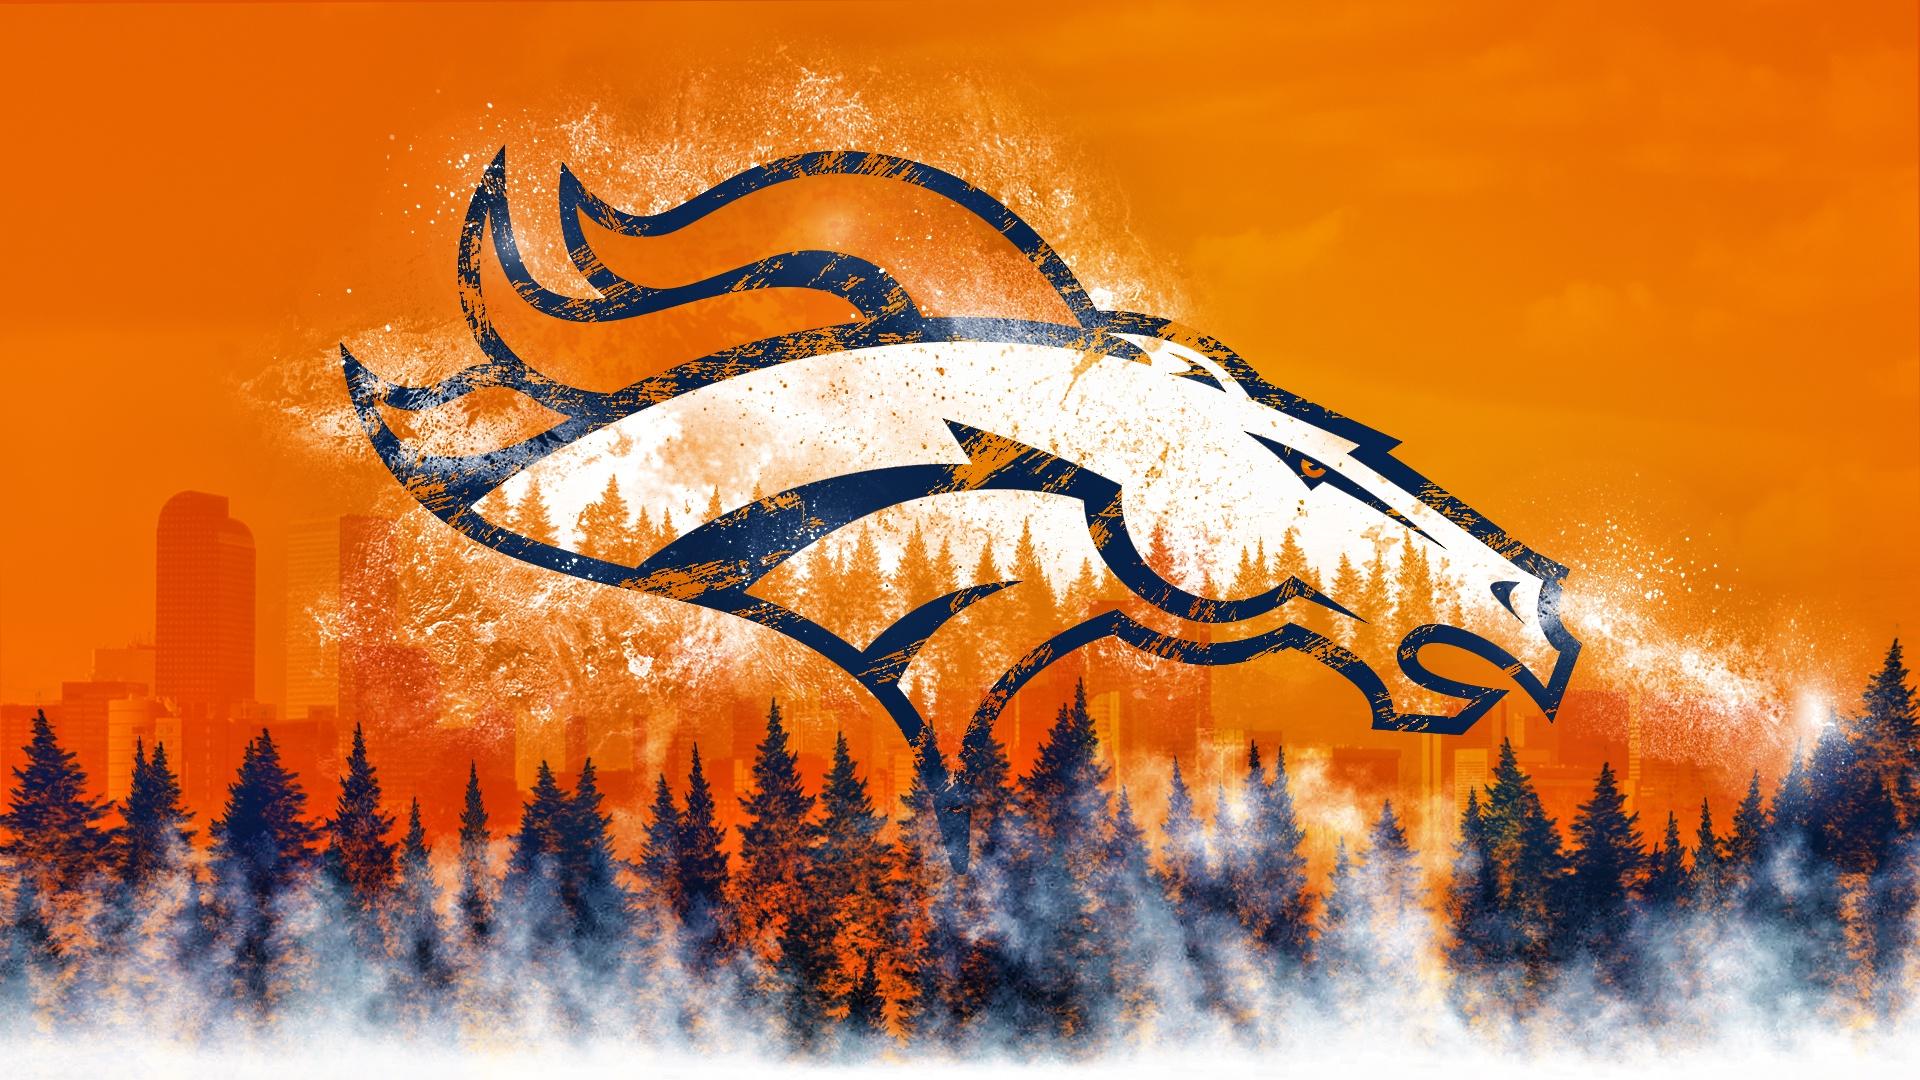 Denver Broncos free image